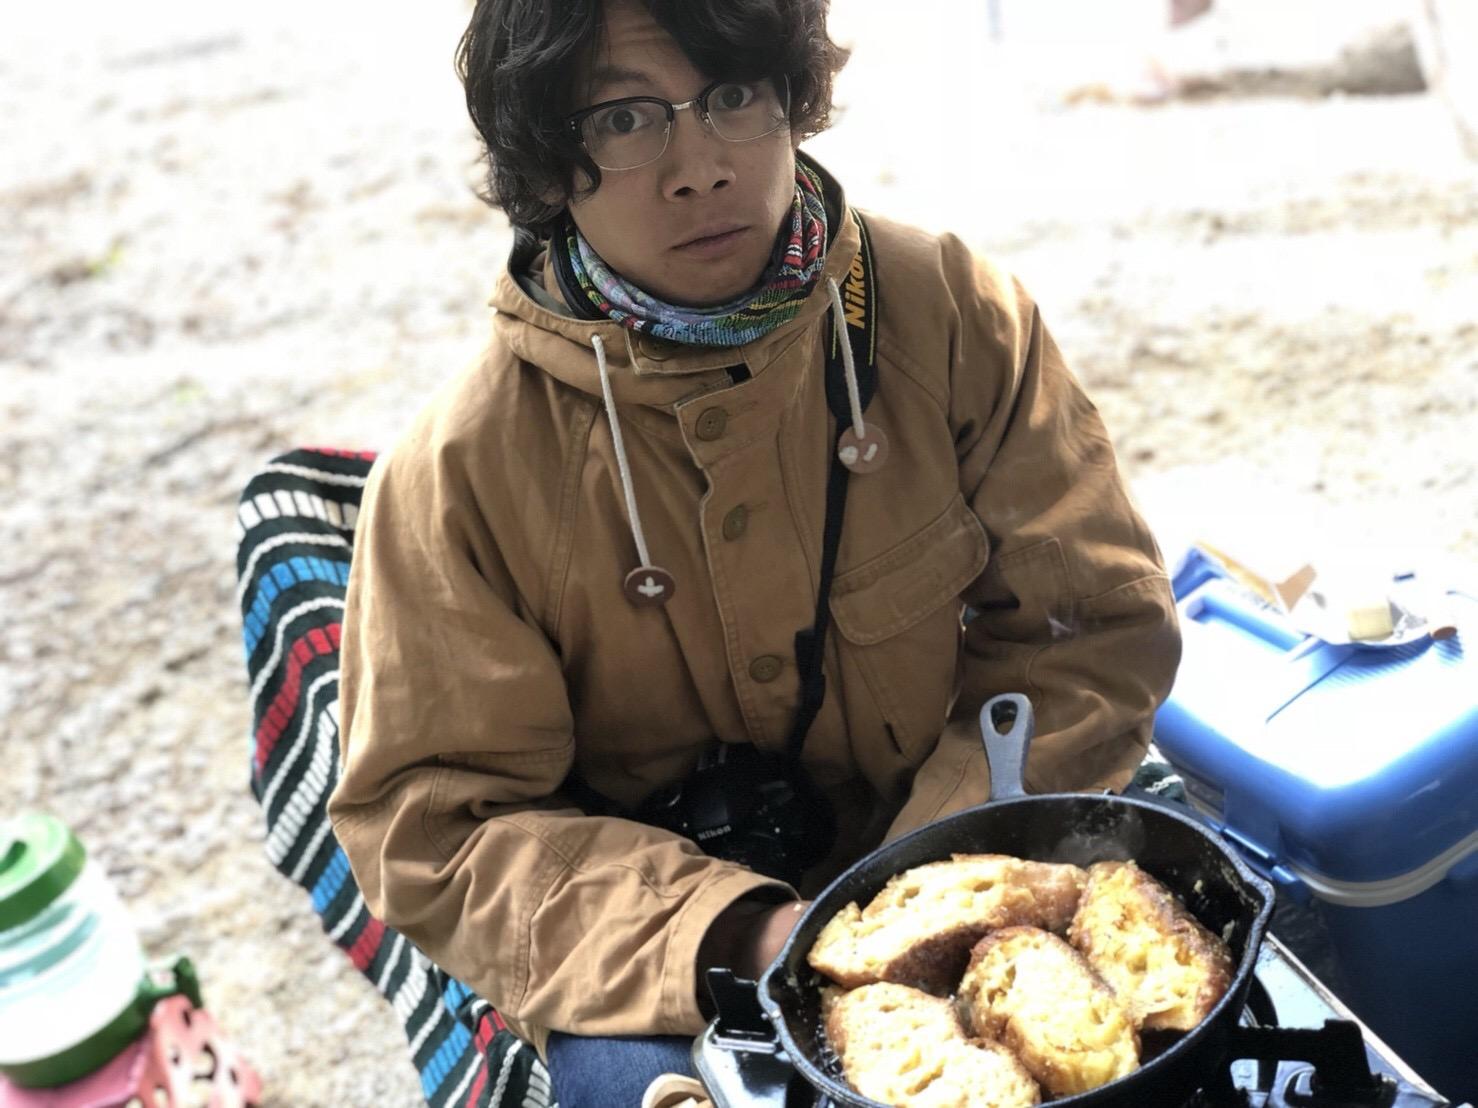 【お知らせ】たかにぃ、湘南祭でスタッフやりますよー!